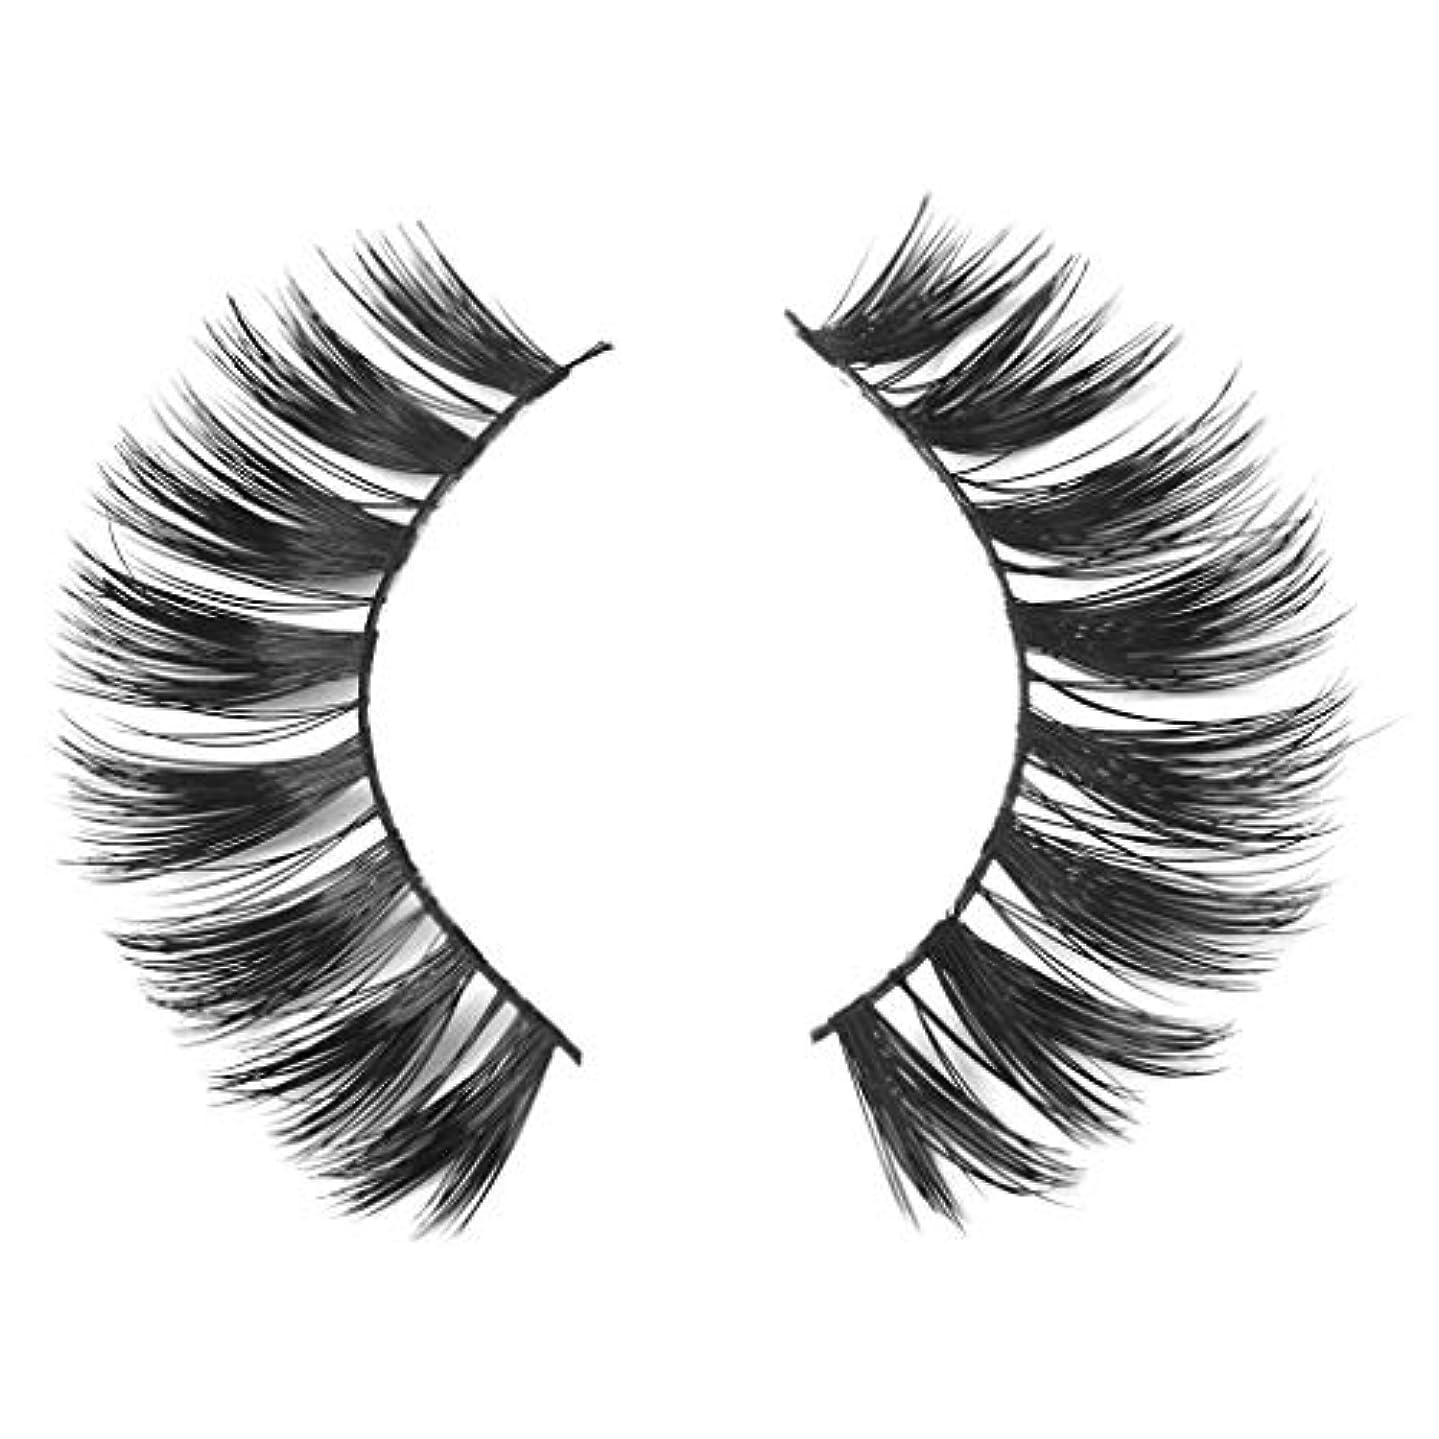 忍耐批判的に縁ミンクの毛の自然な厚くなる化粧品の3D版のための一組のまつげ